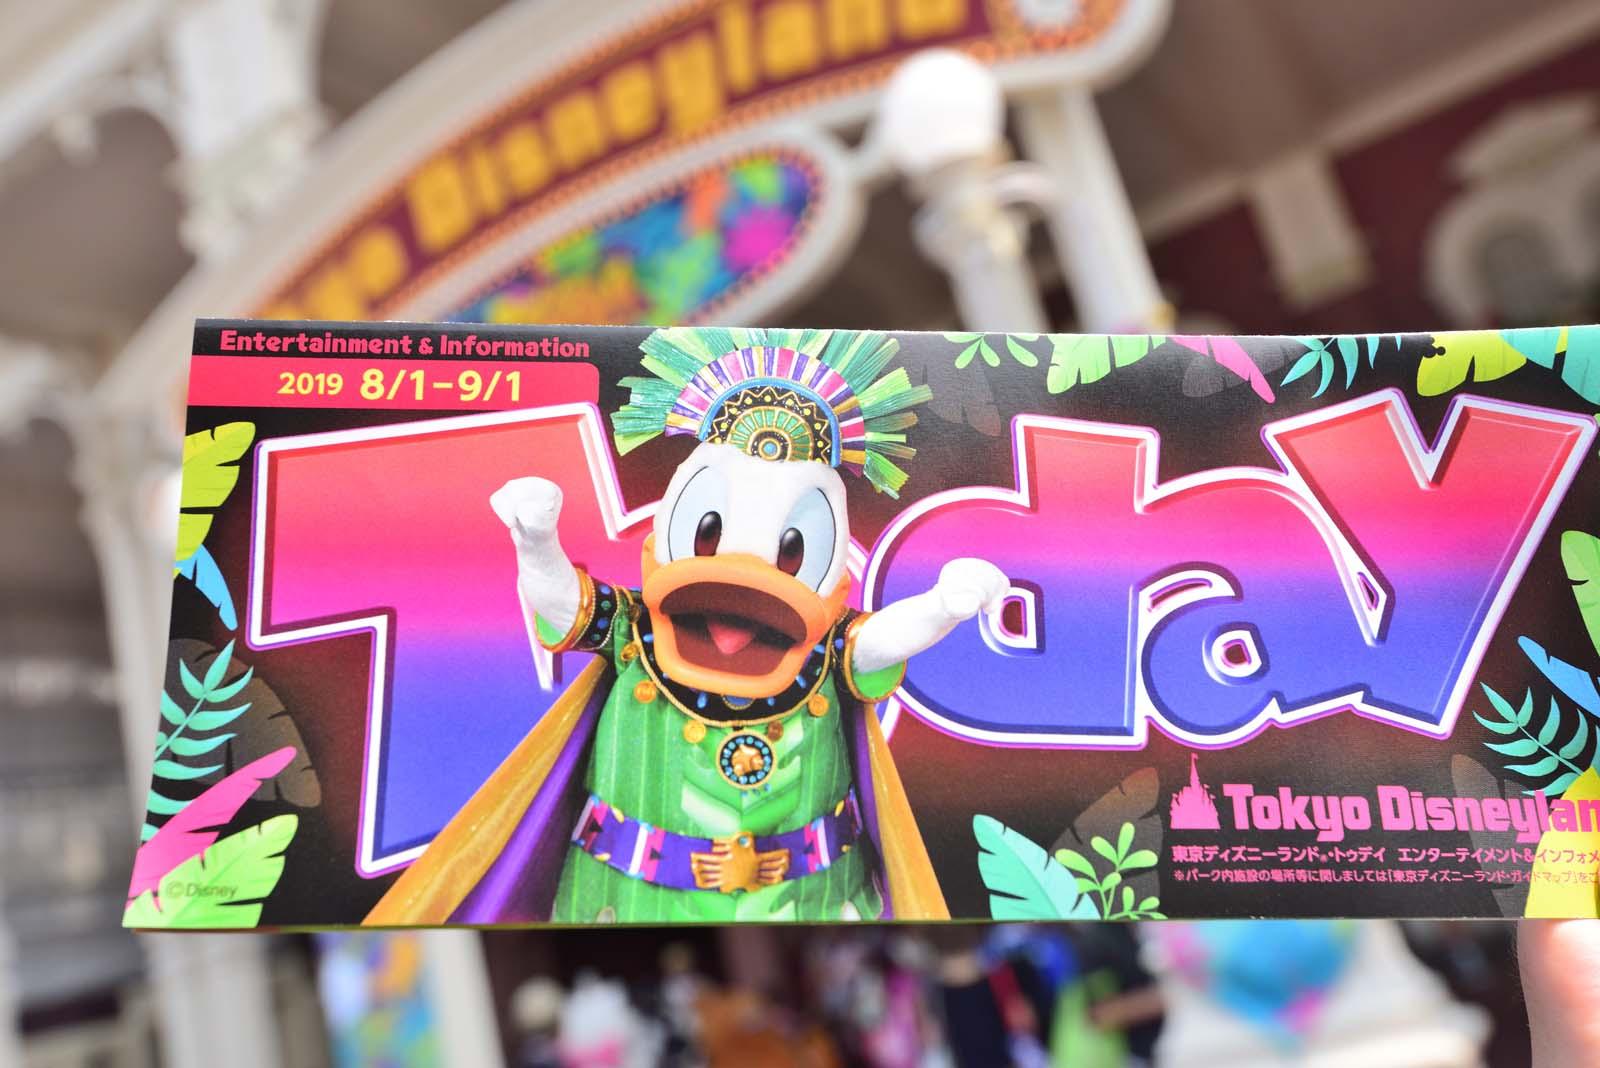 東京ディズニーランド Today 2019年8月1日~9月1日 ドナルドのホット・ジャングル・サマー2019 ドナルド